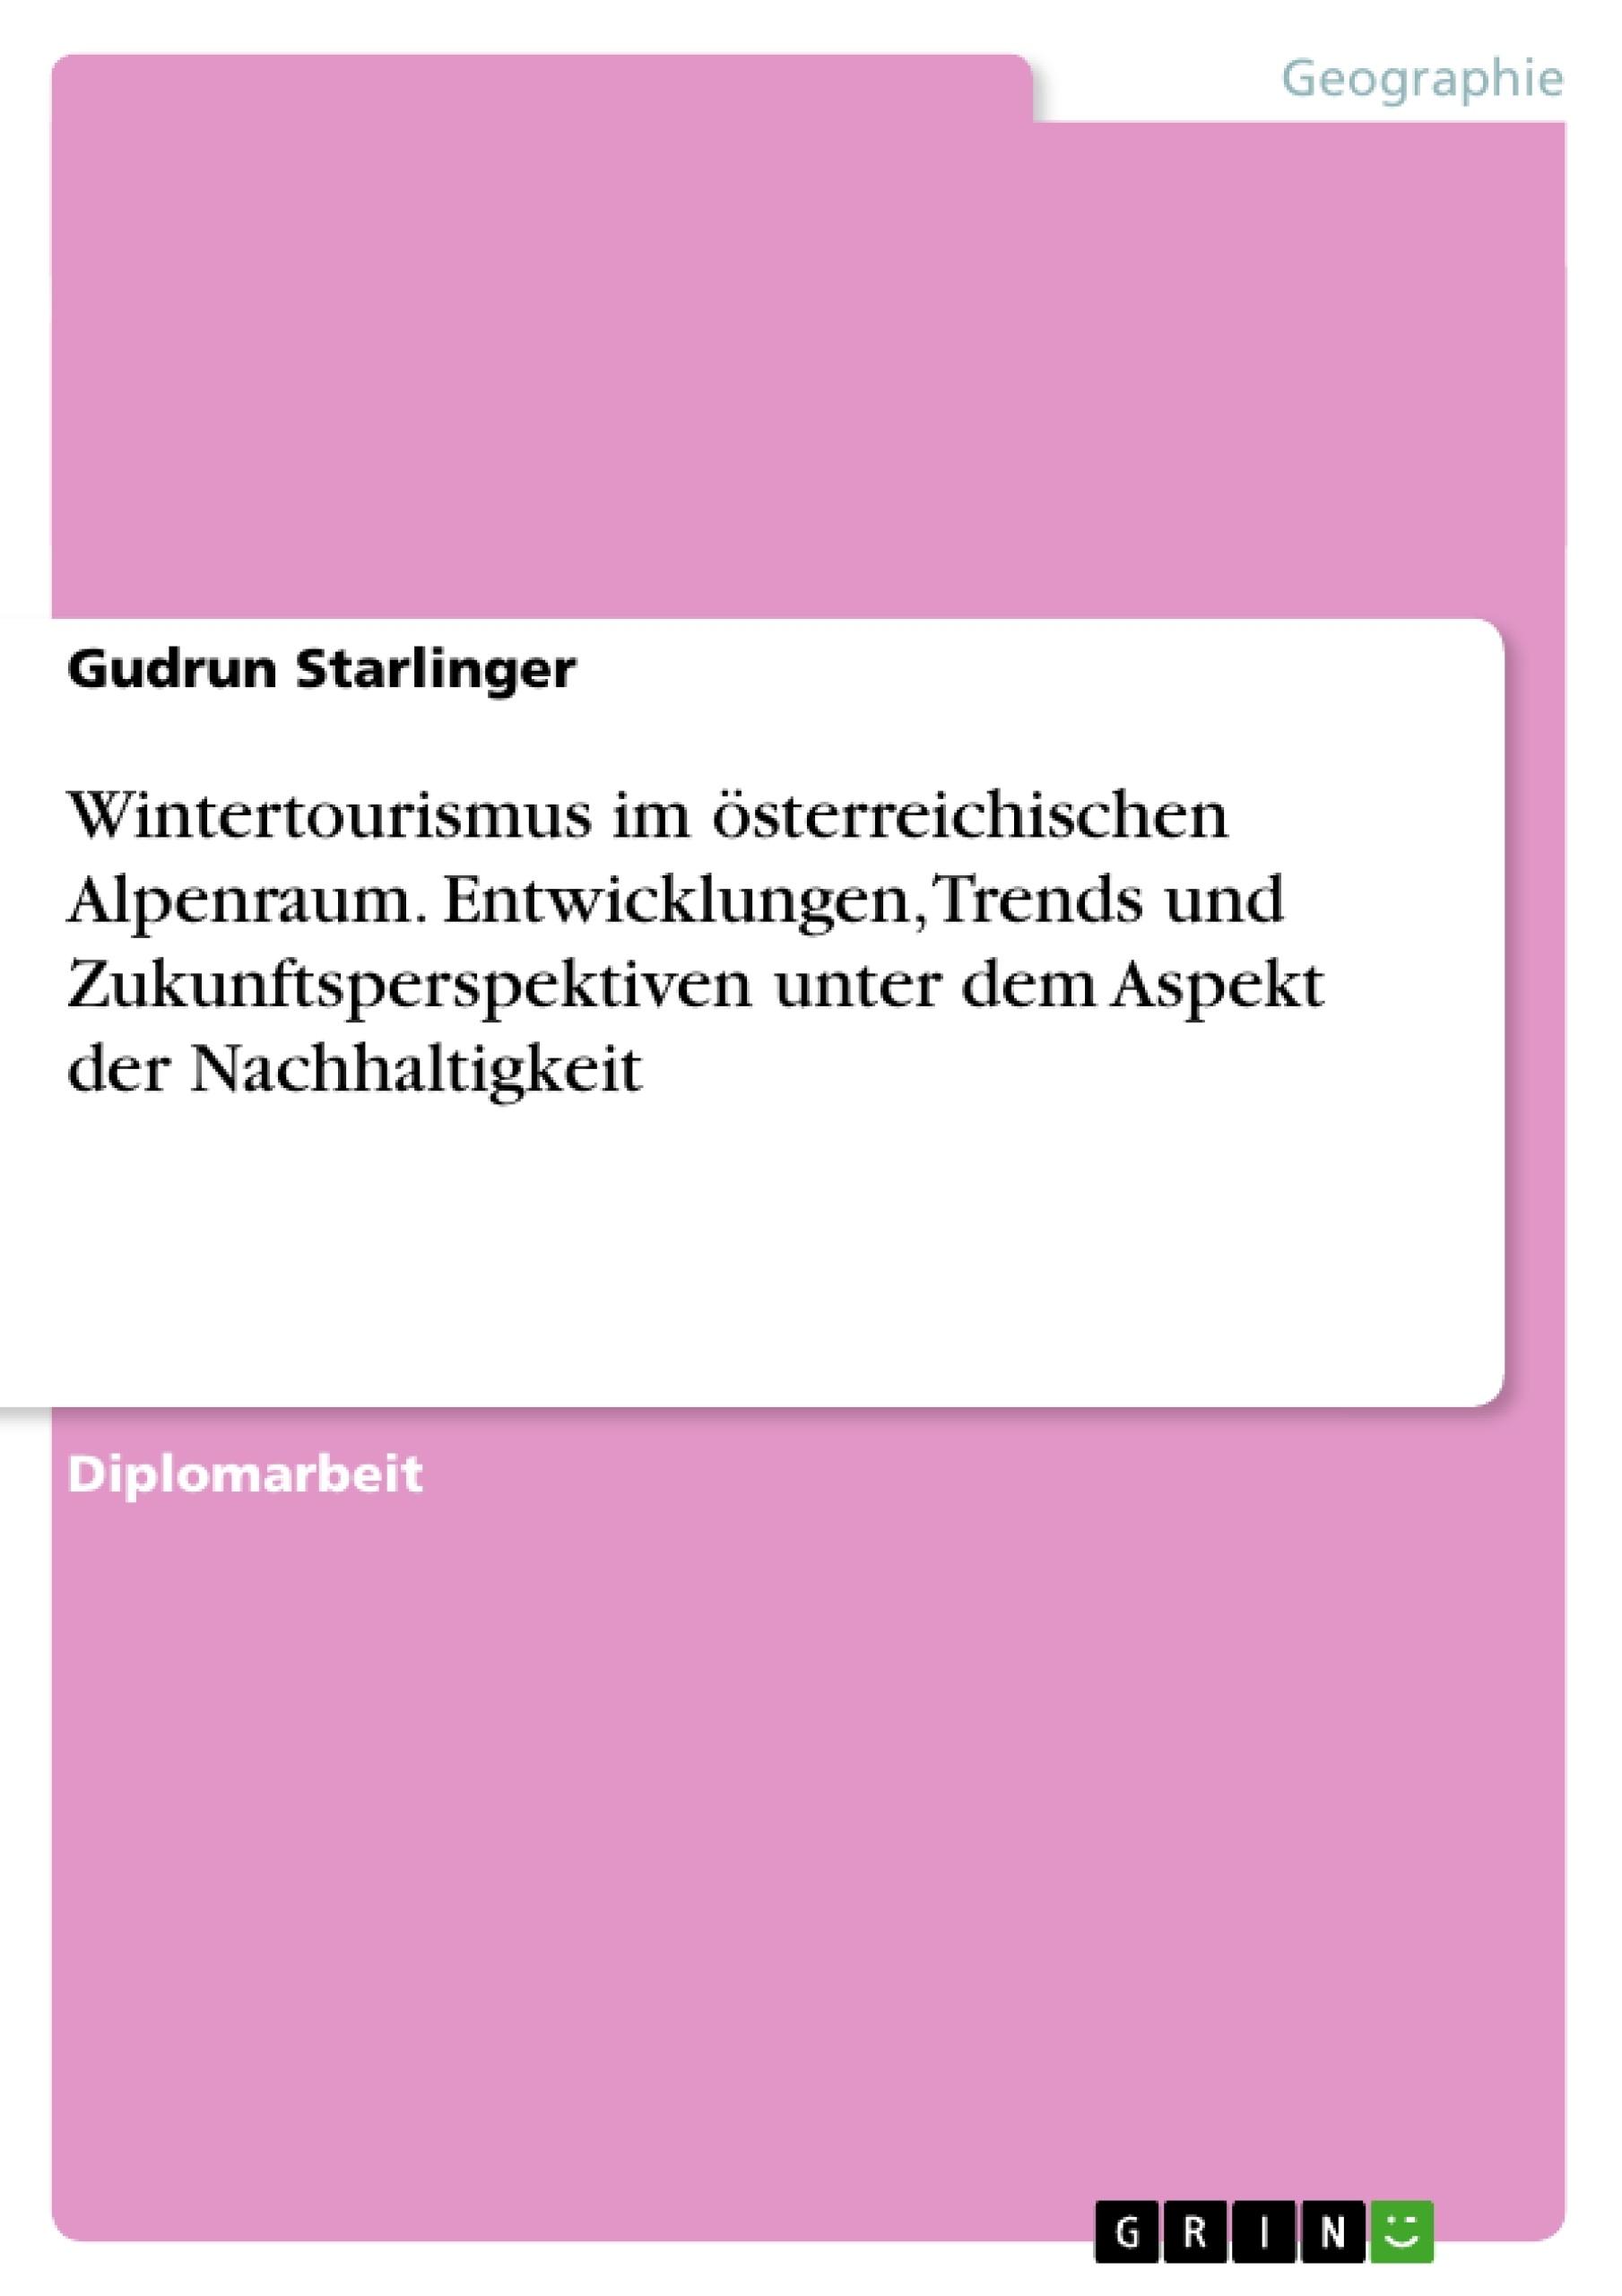 Titel: Wintertourismus im österreichischen Alpenraum. Entwicklungen, Trends und Zukunftsperspektiven unter dem Aspekt der Nachhaltigkeit